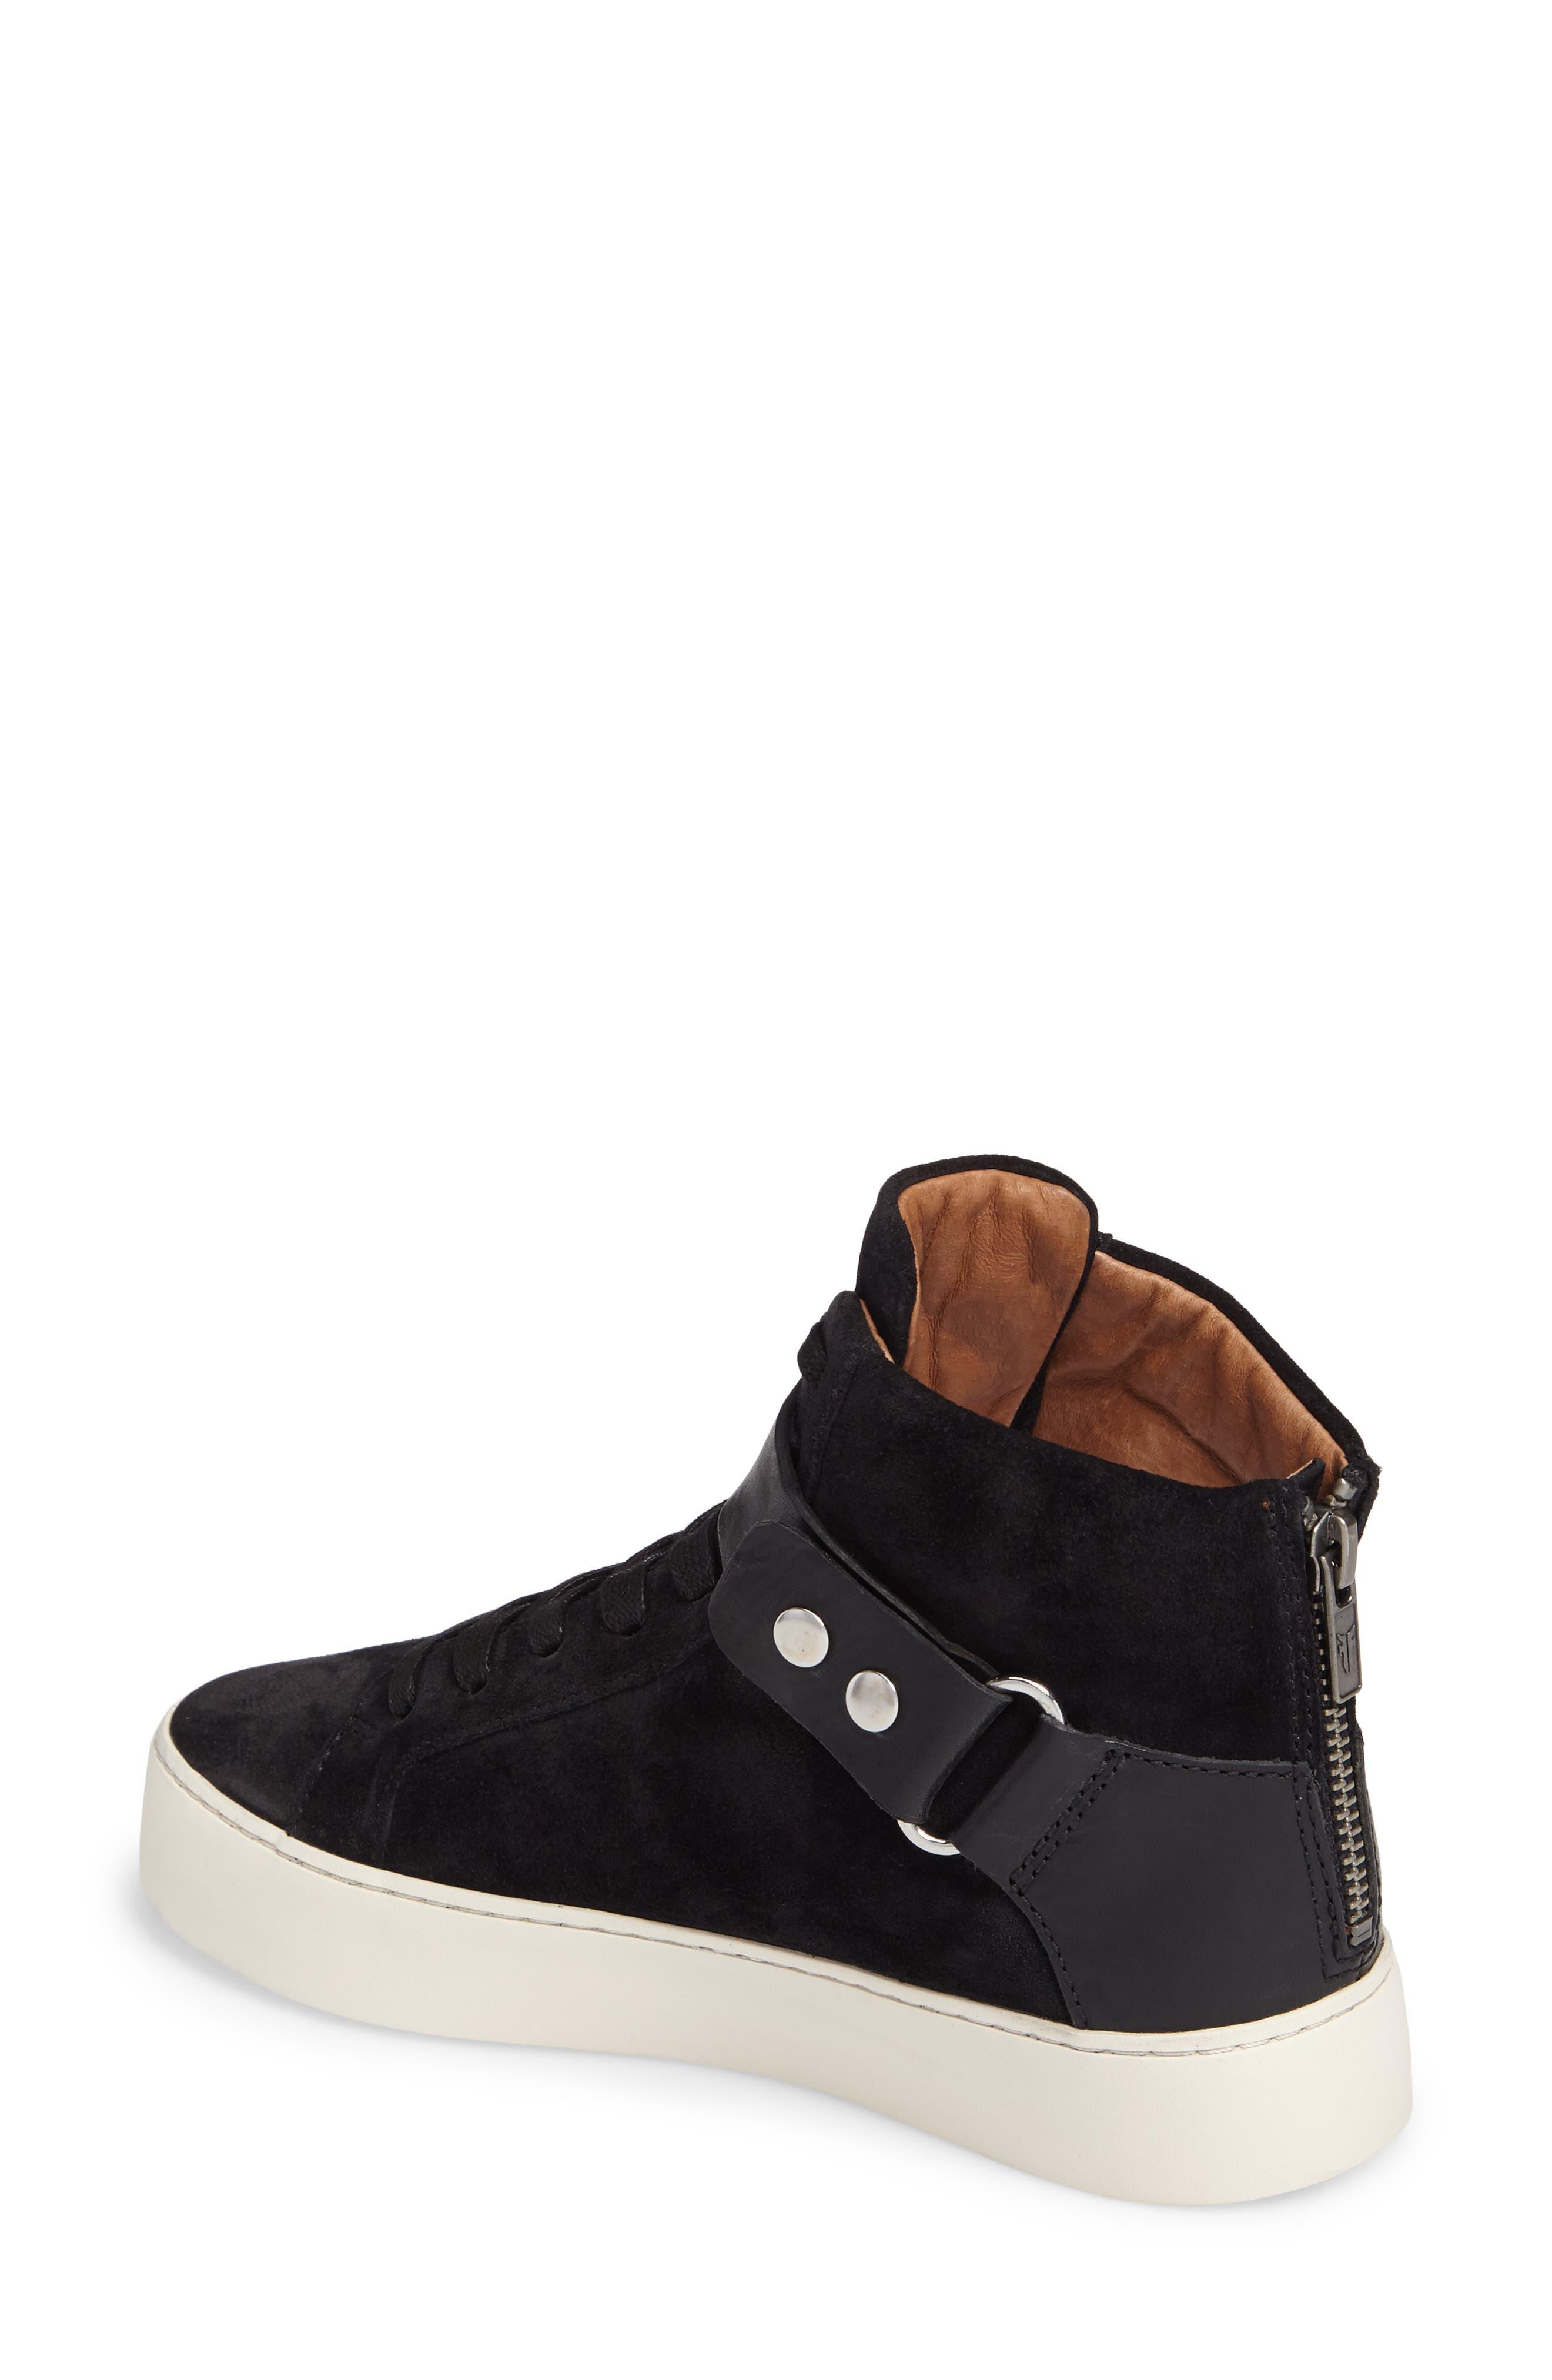 Alternate Image 2  - Frye Lena Harness Sneaker (Women)